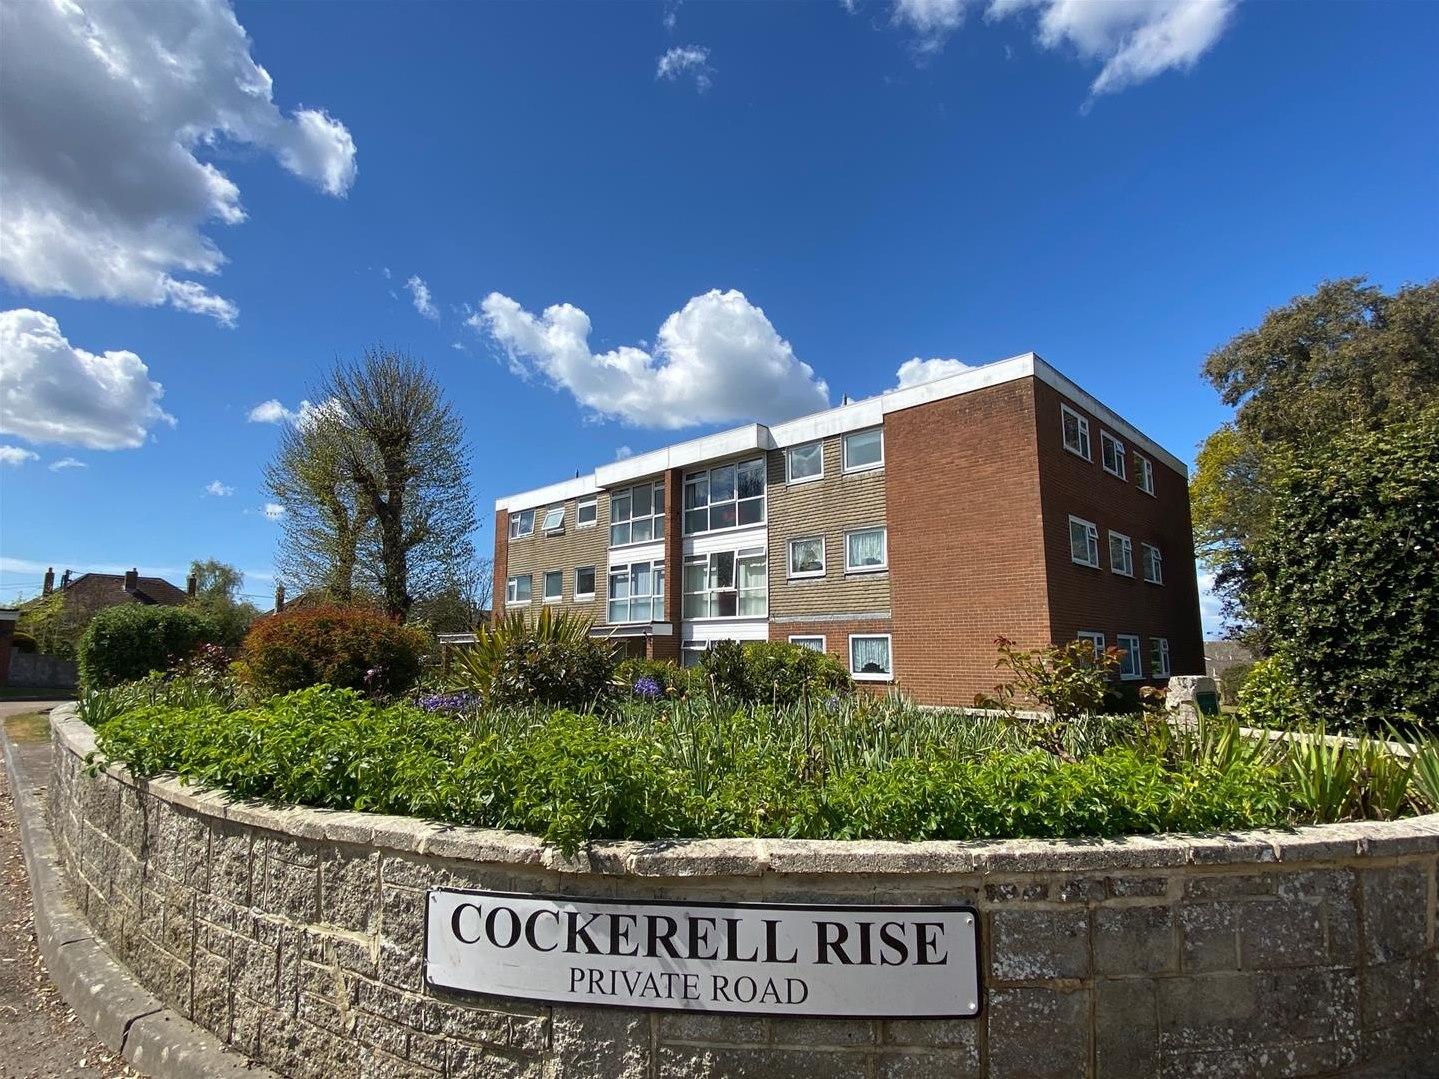 Cockerell Rise